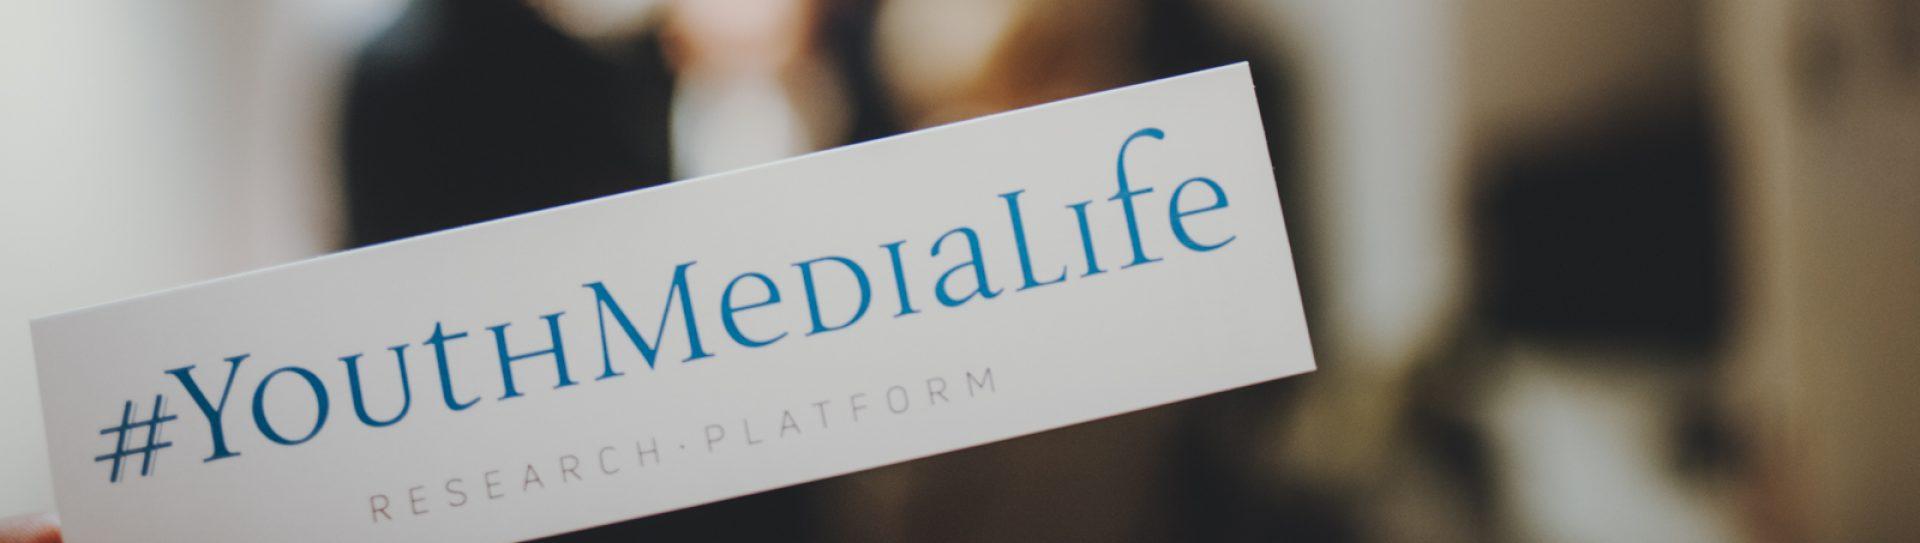 #YouthMediaLife Blog